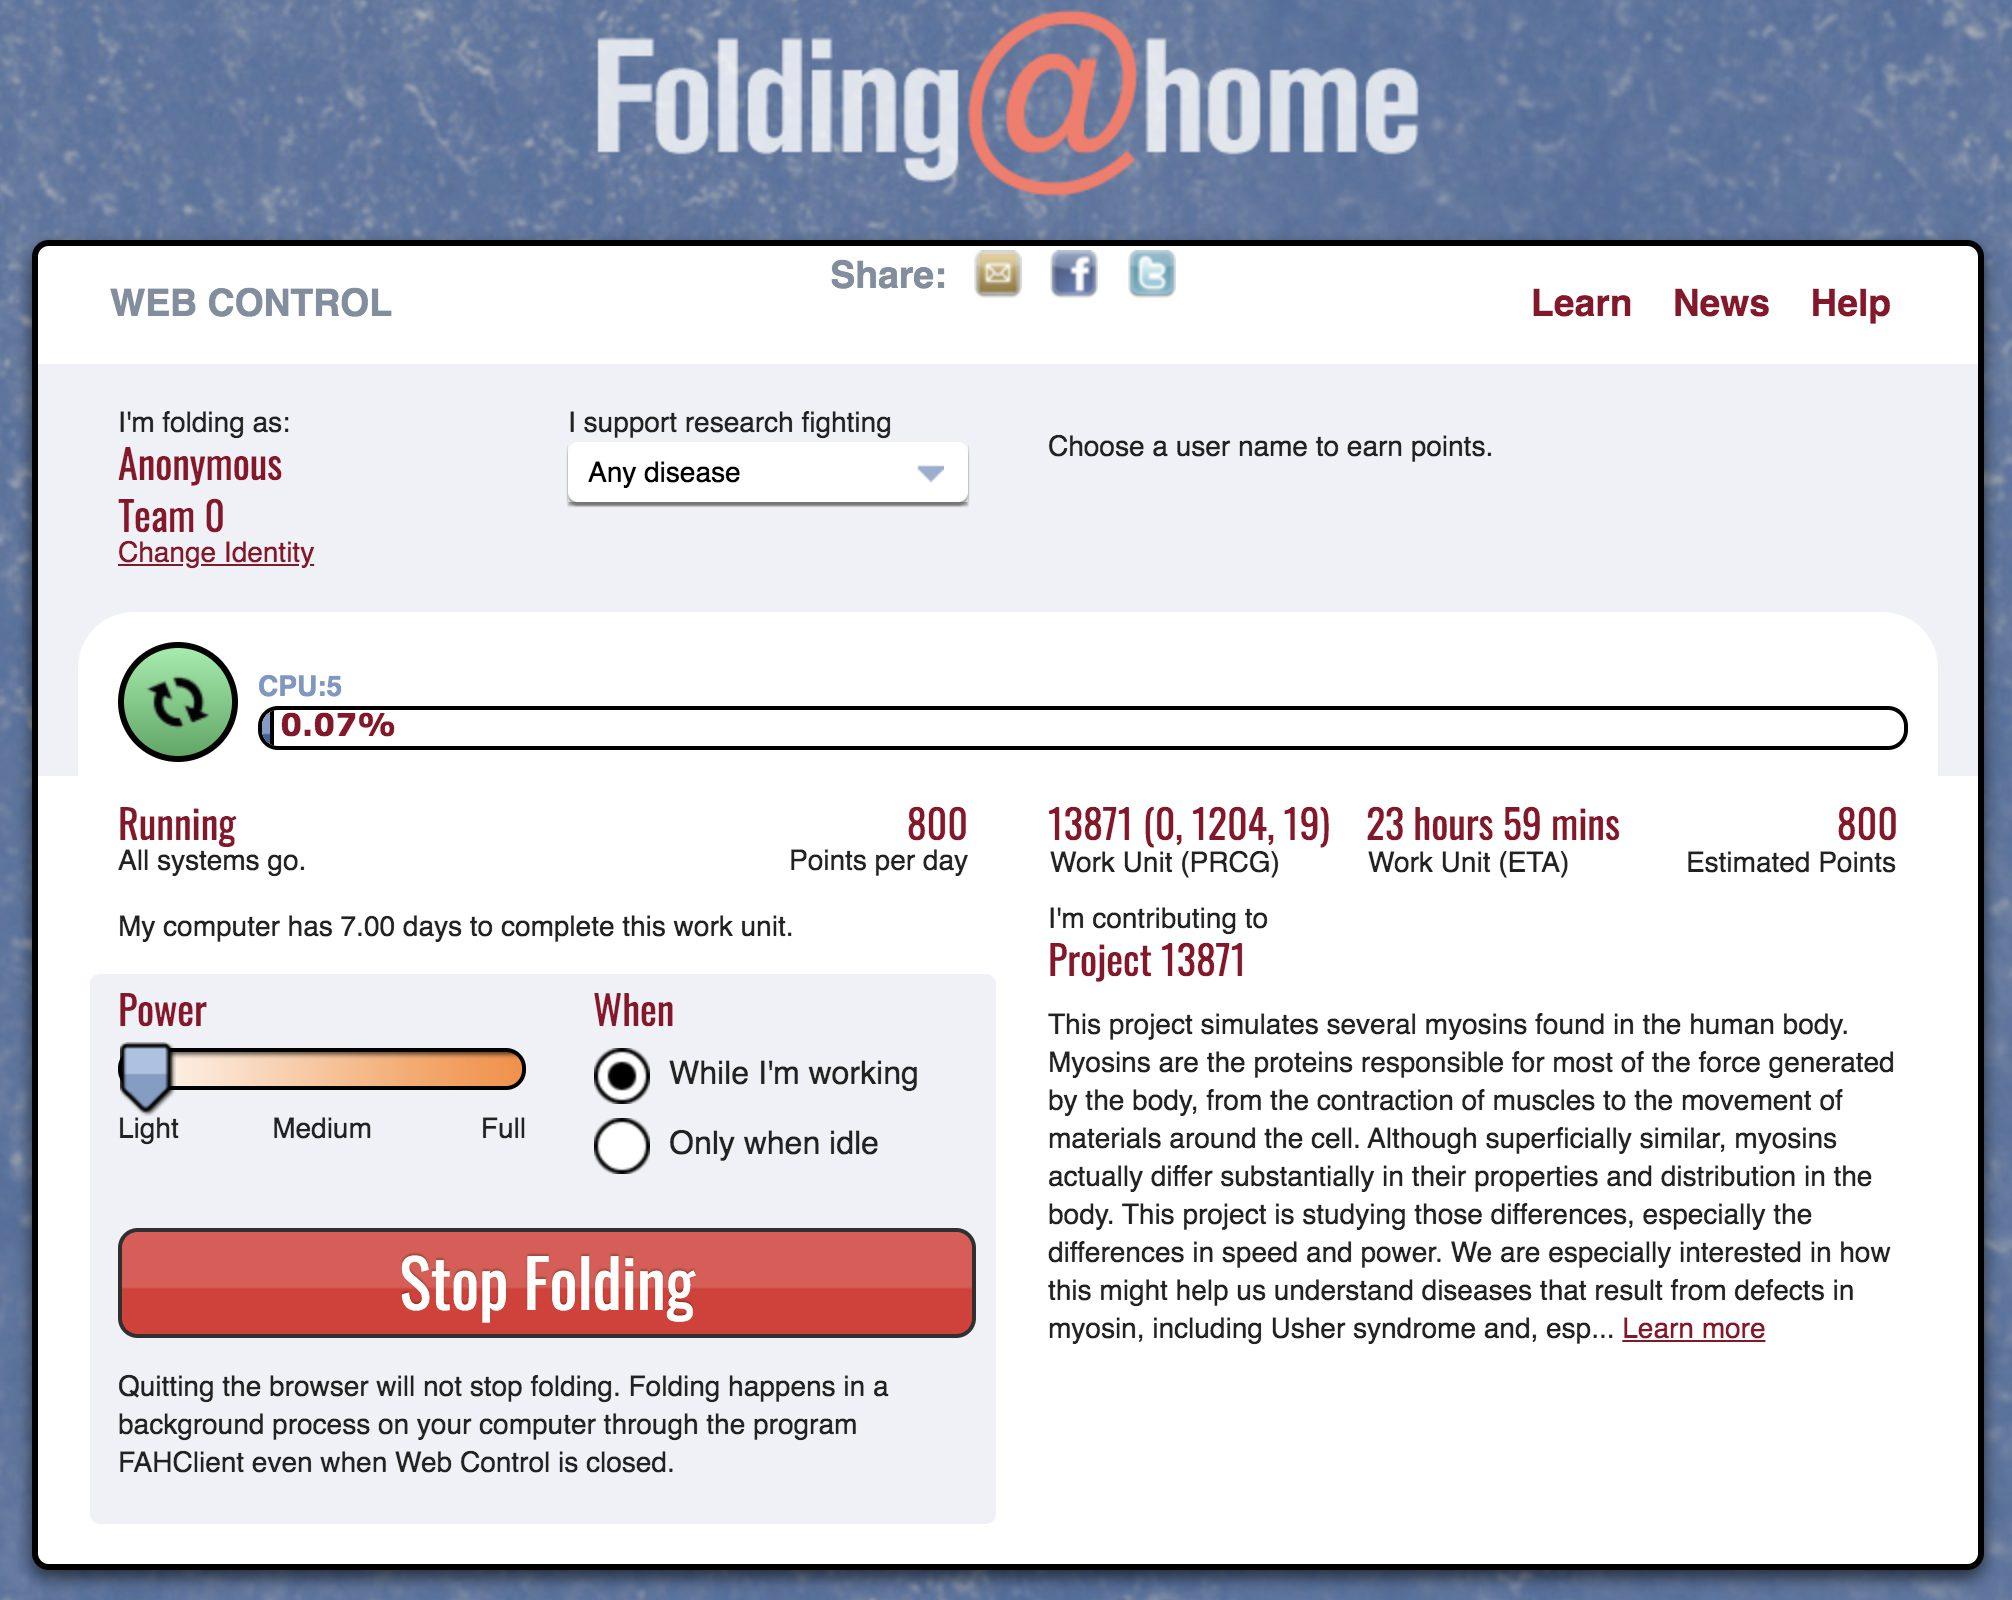 Il supercomputer di Folding@Home supera la potenza di 1 ExaFlop